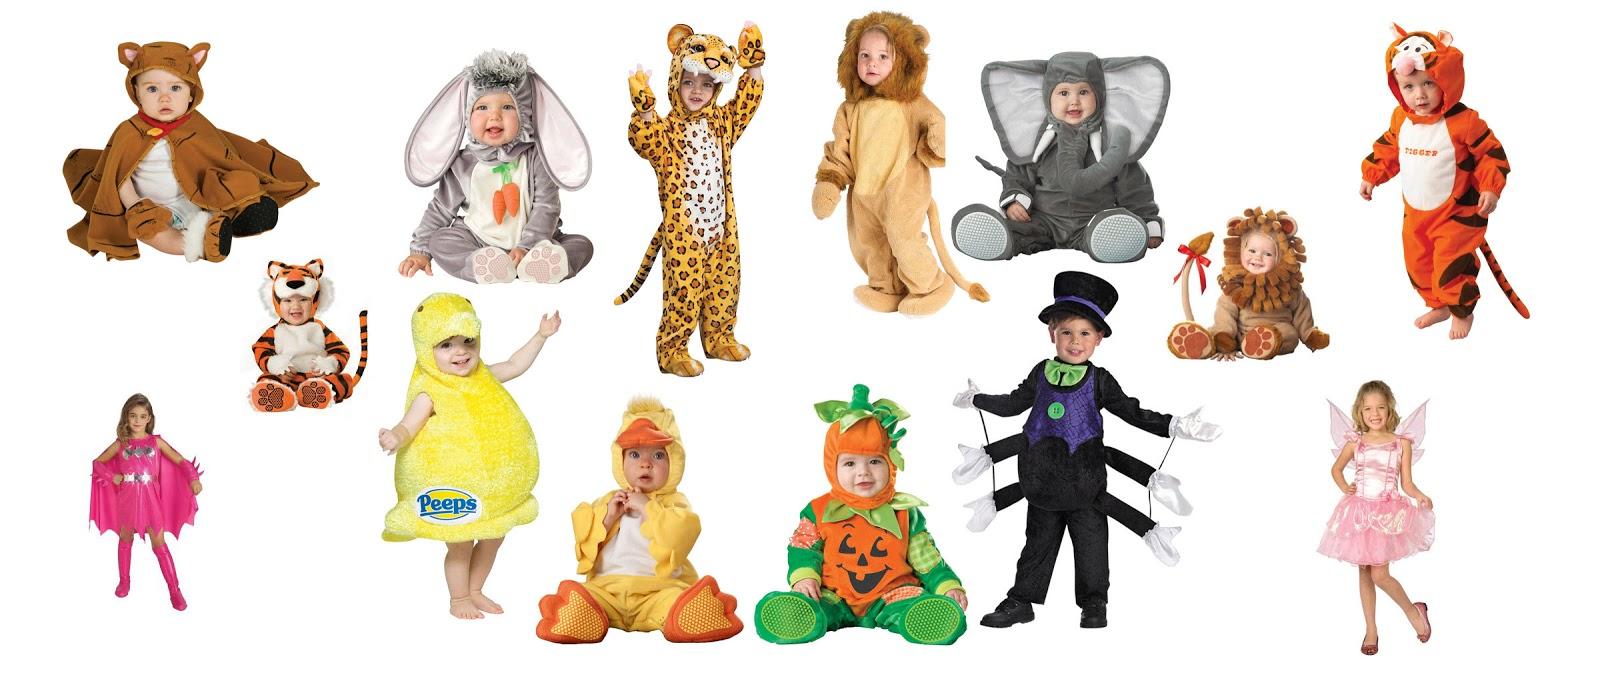 Новогодние костюмы для детей в Минске  Детские